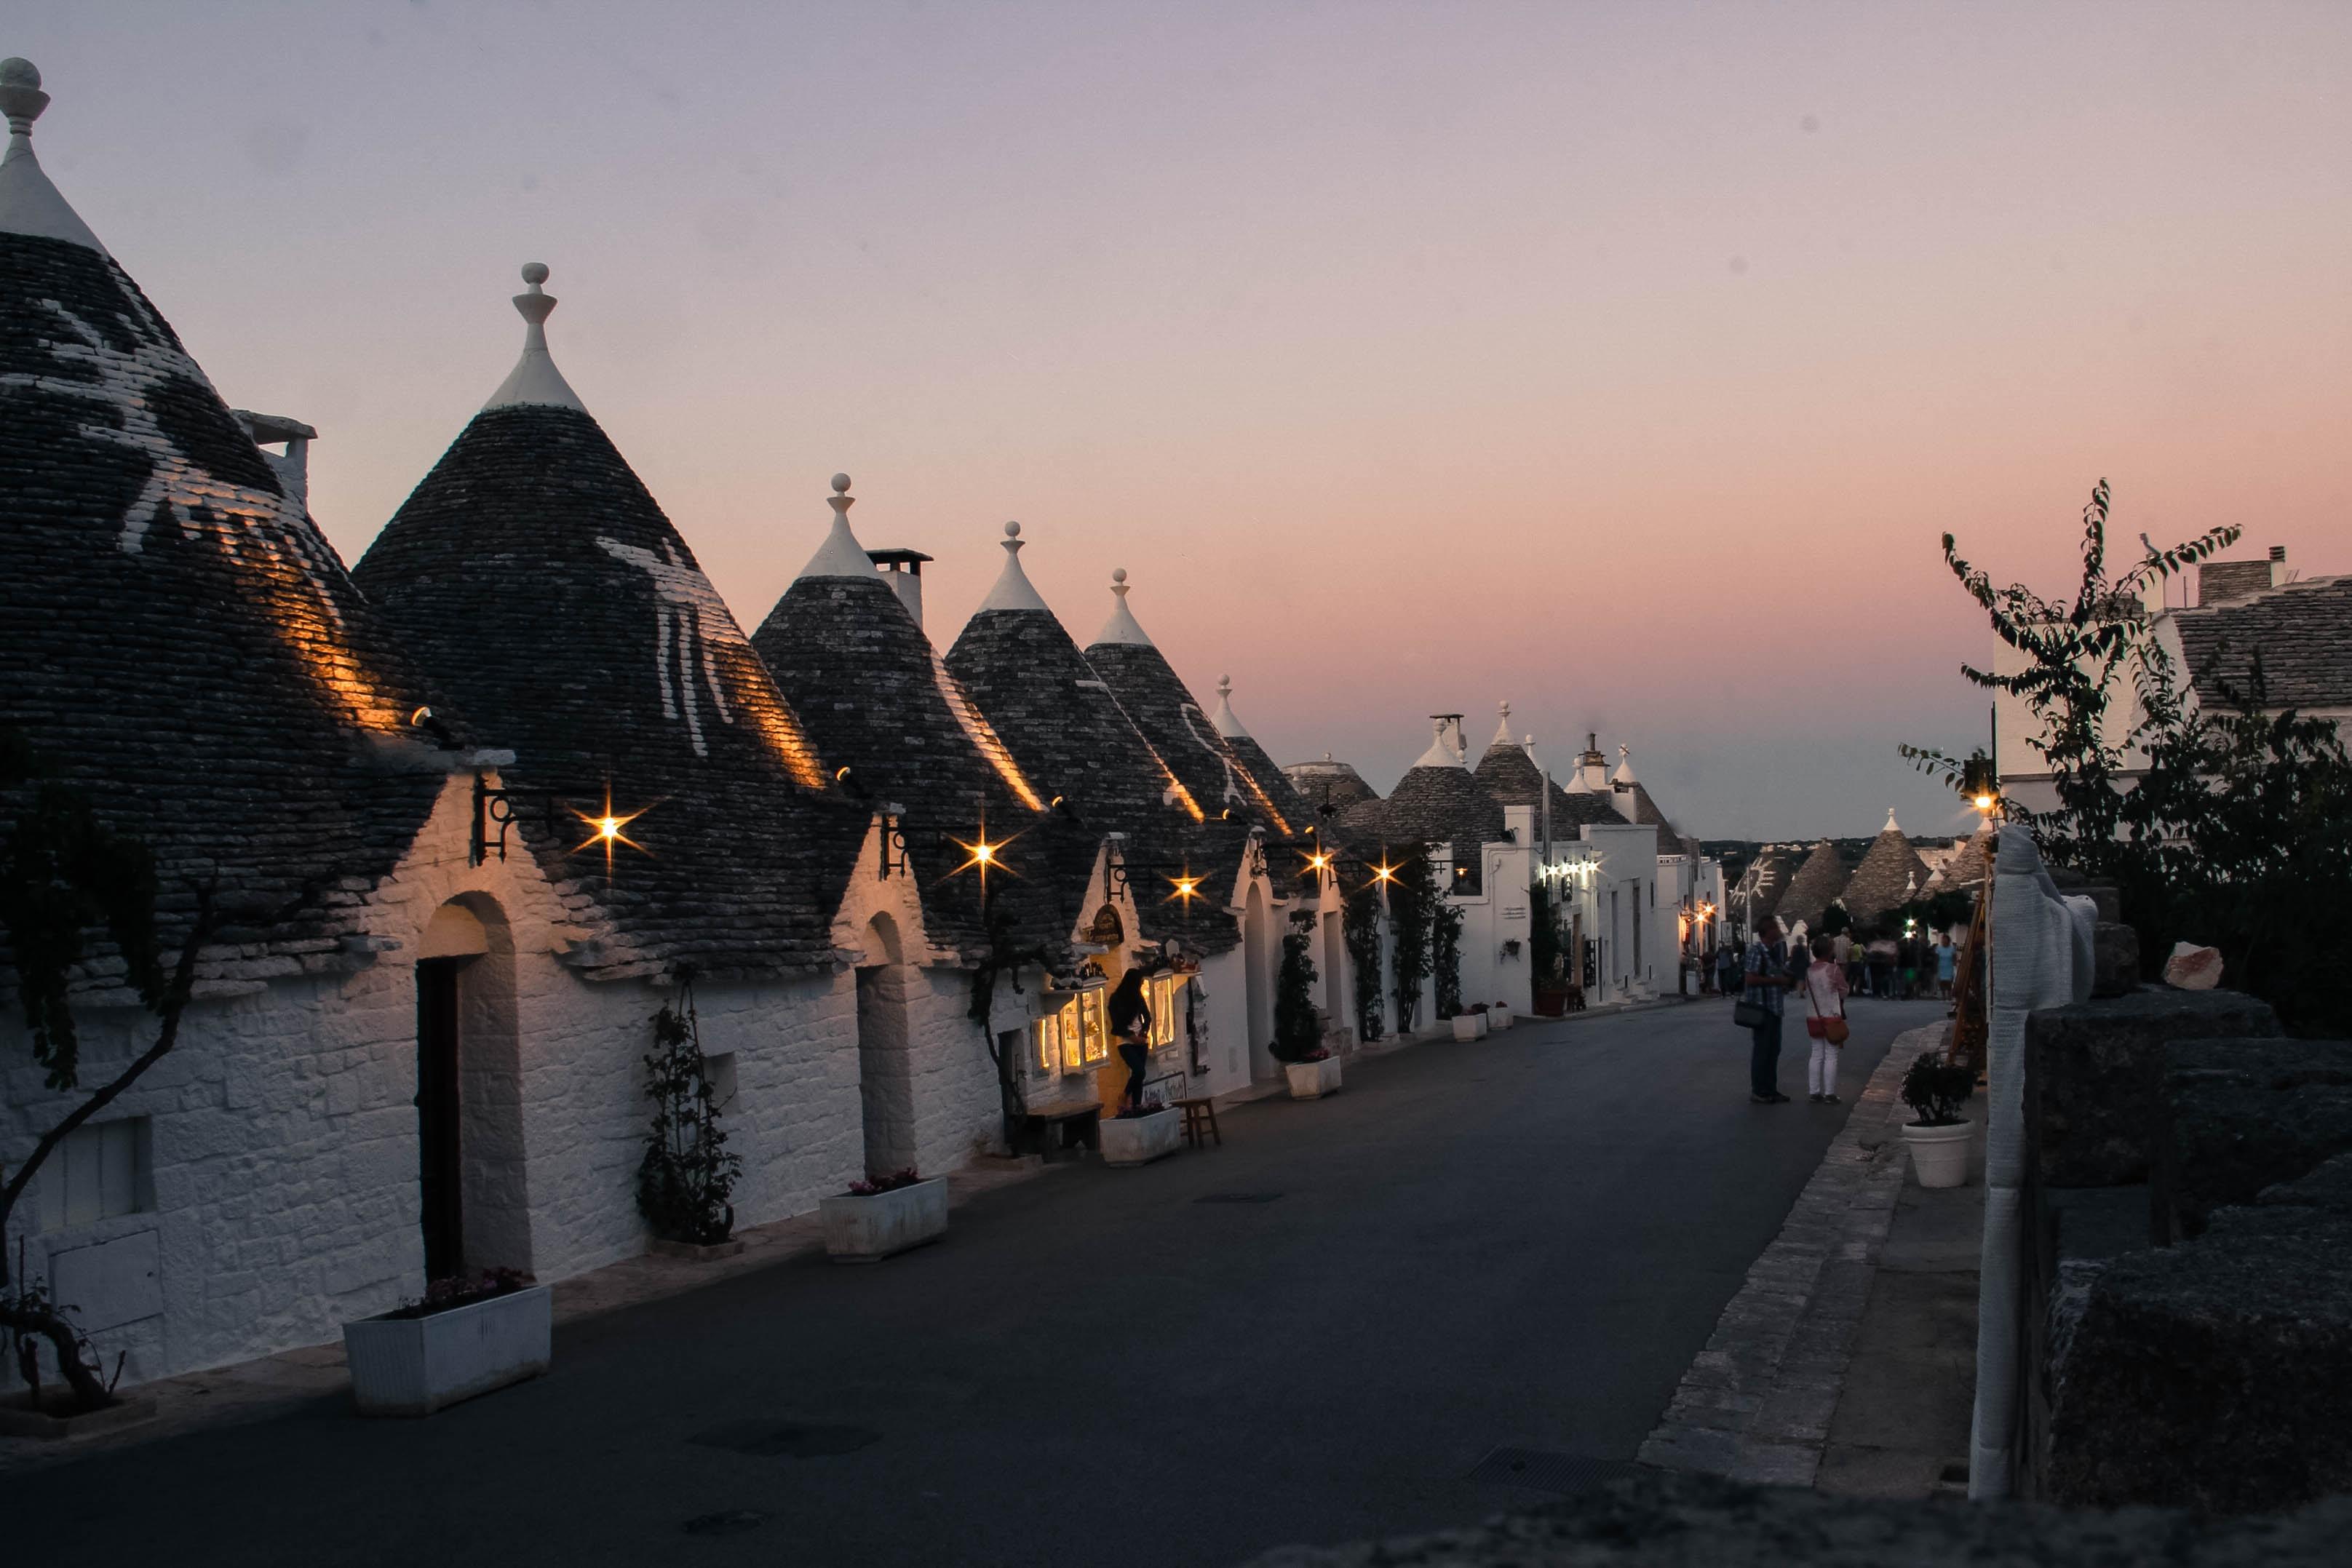 village during dawn